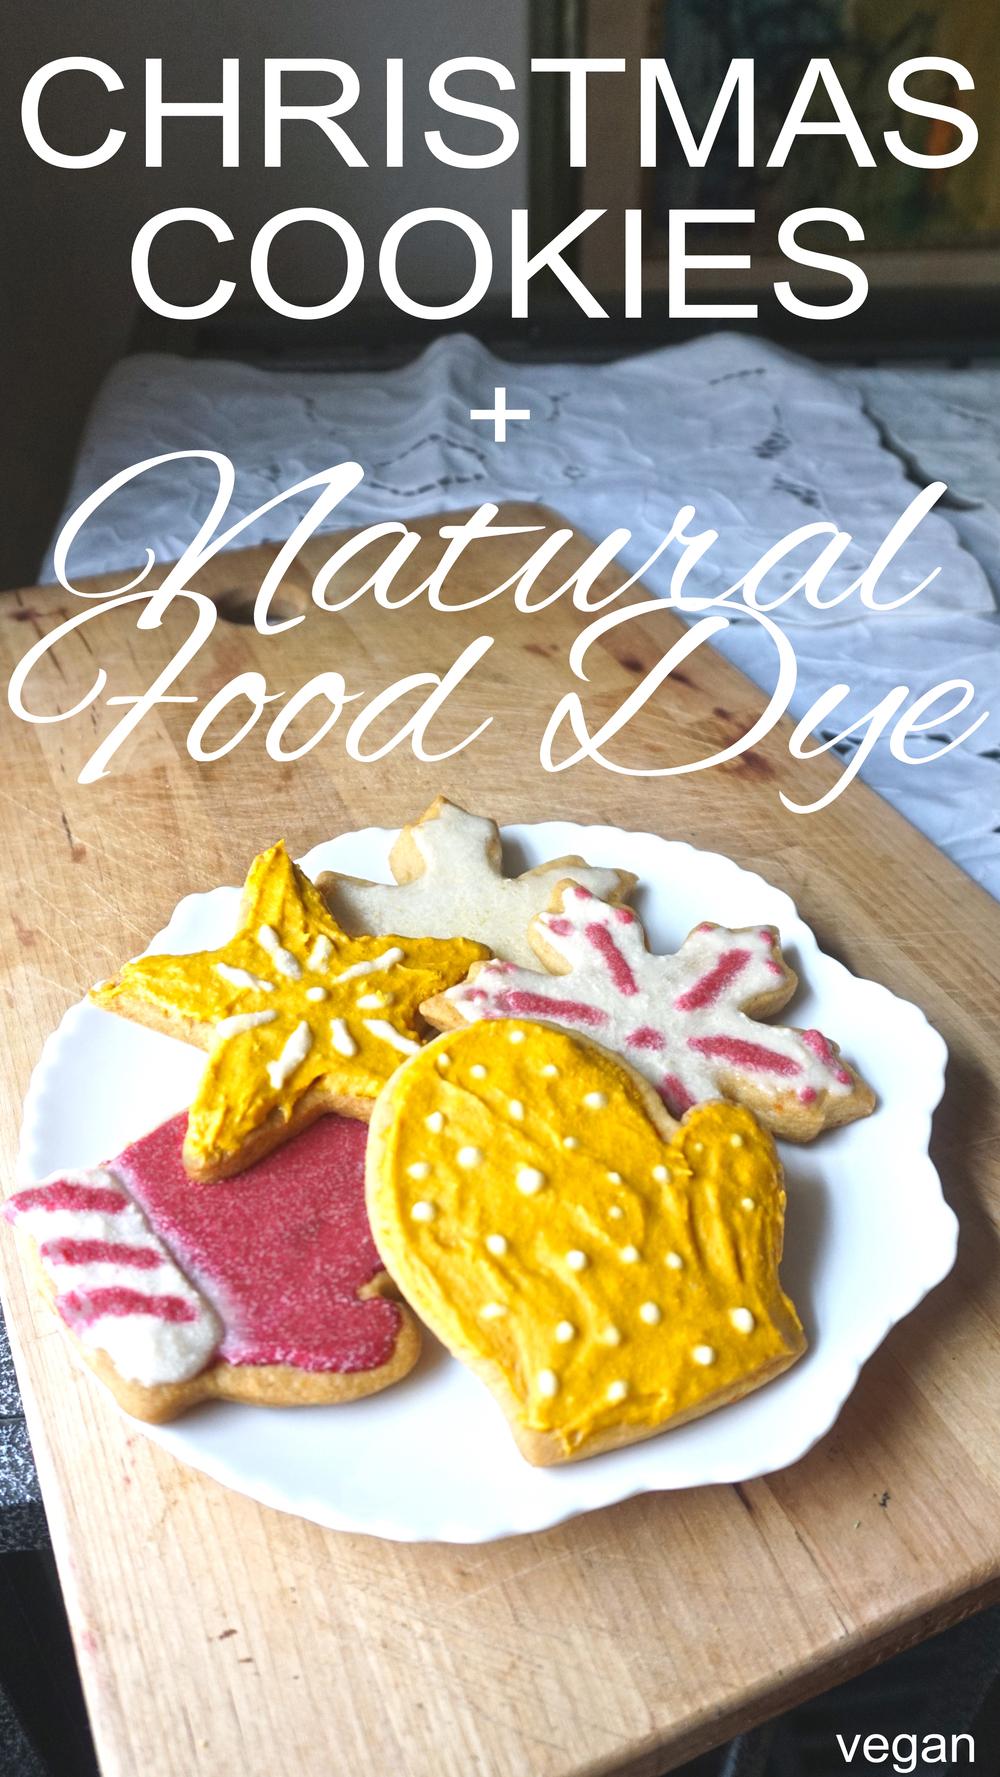 SUGAR COOKIES WITH NATURAL FOOD DYE